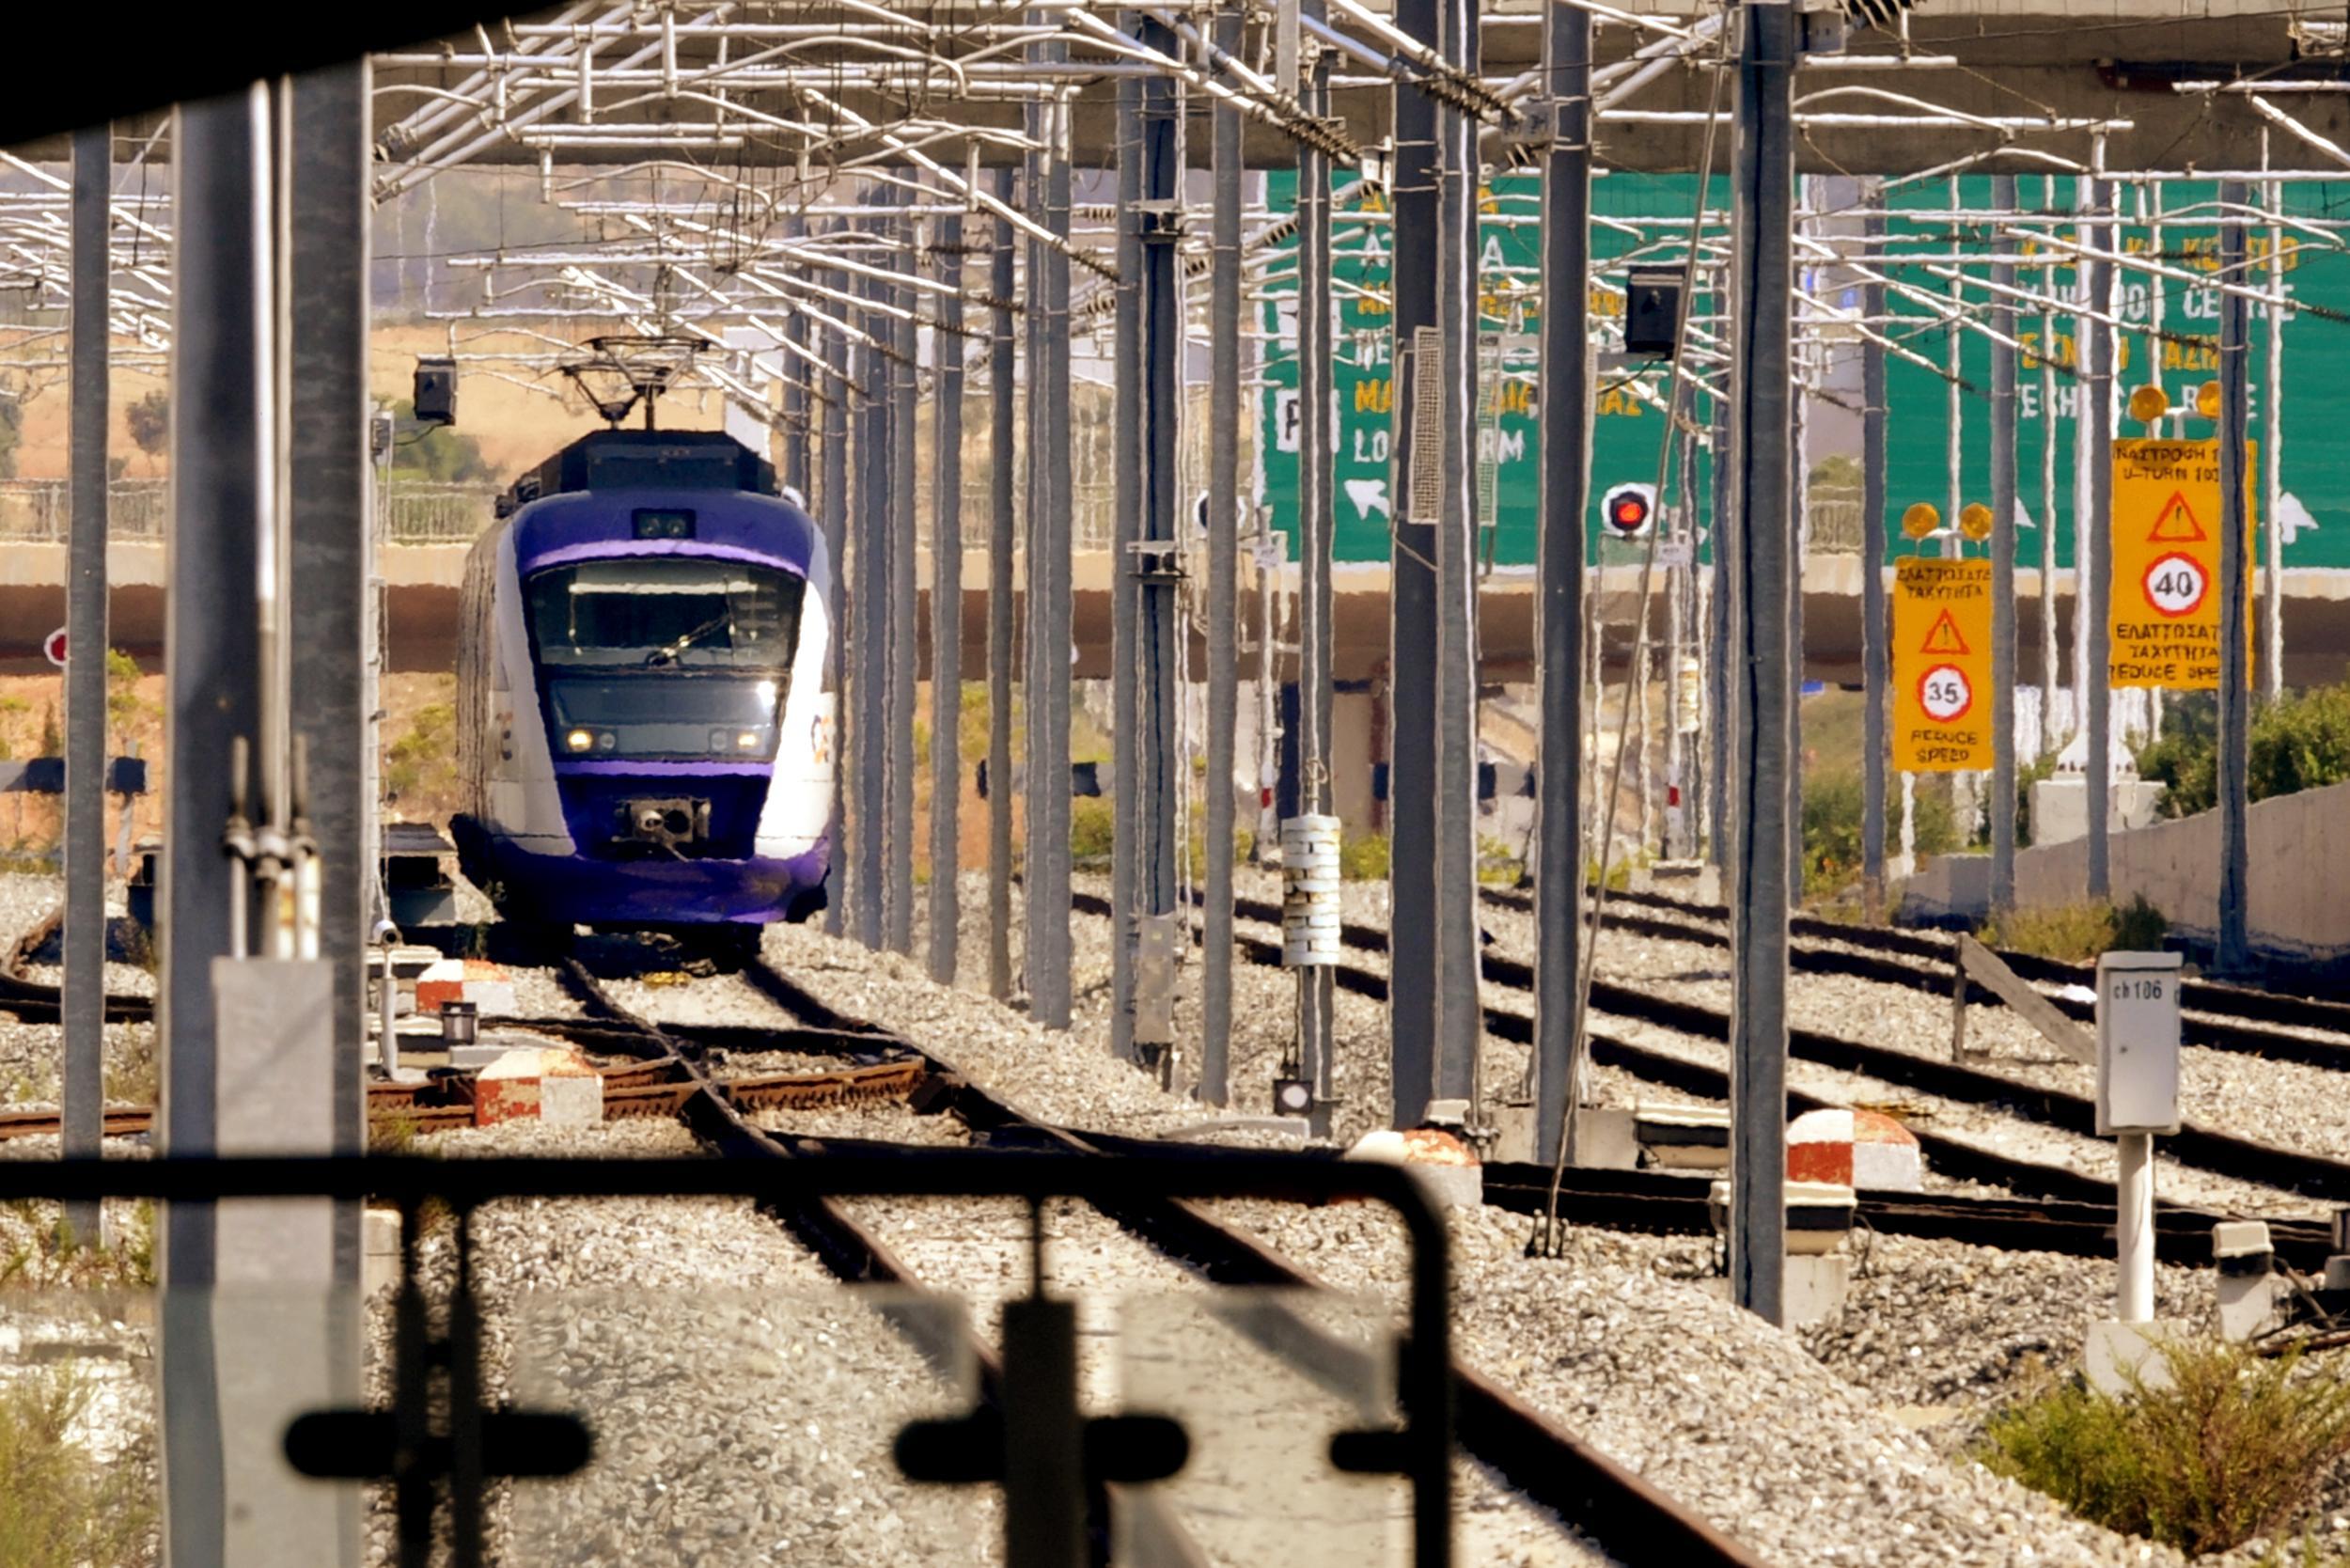 ΤΡΑΙΝΟΣΕ: Πρόβλημα με τα δρομολόγια του Μετρό προς το αεροδρόμιο!